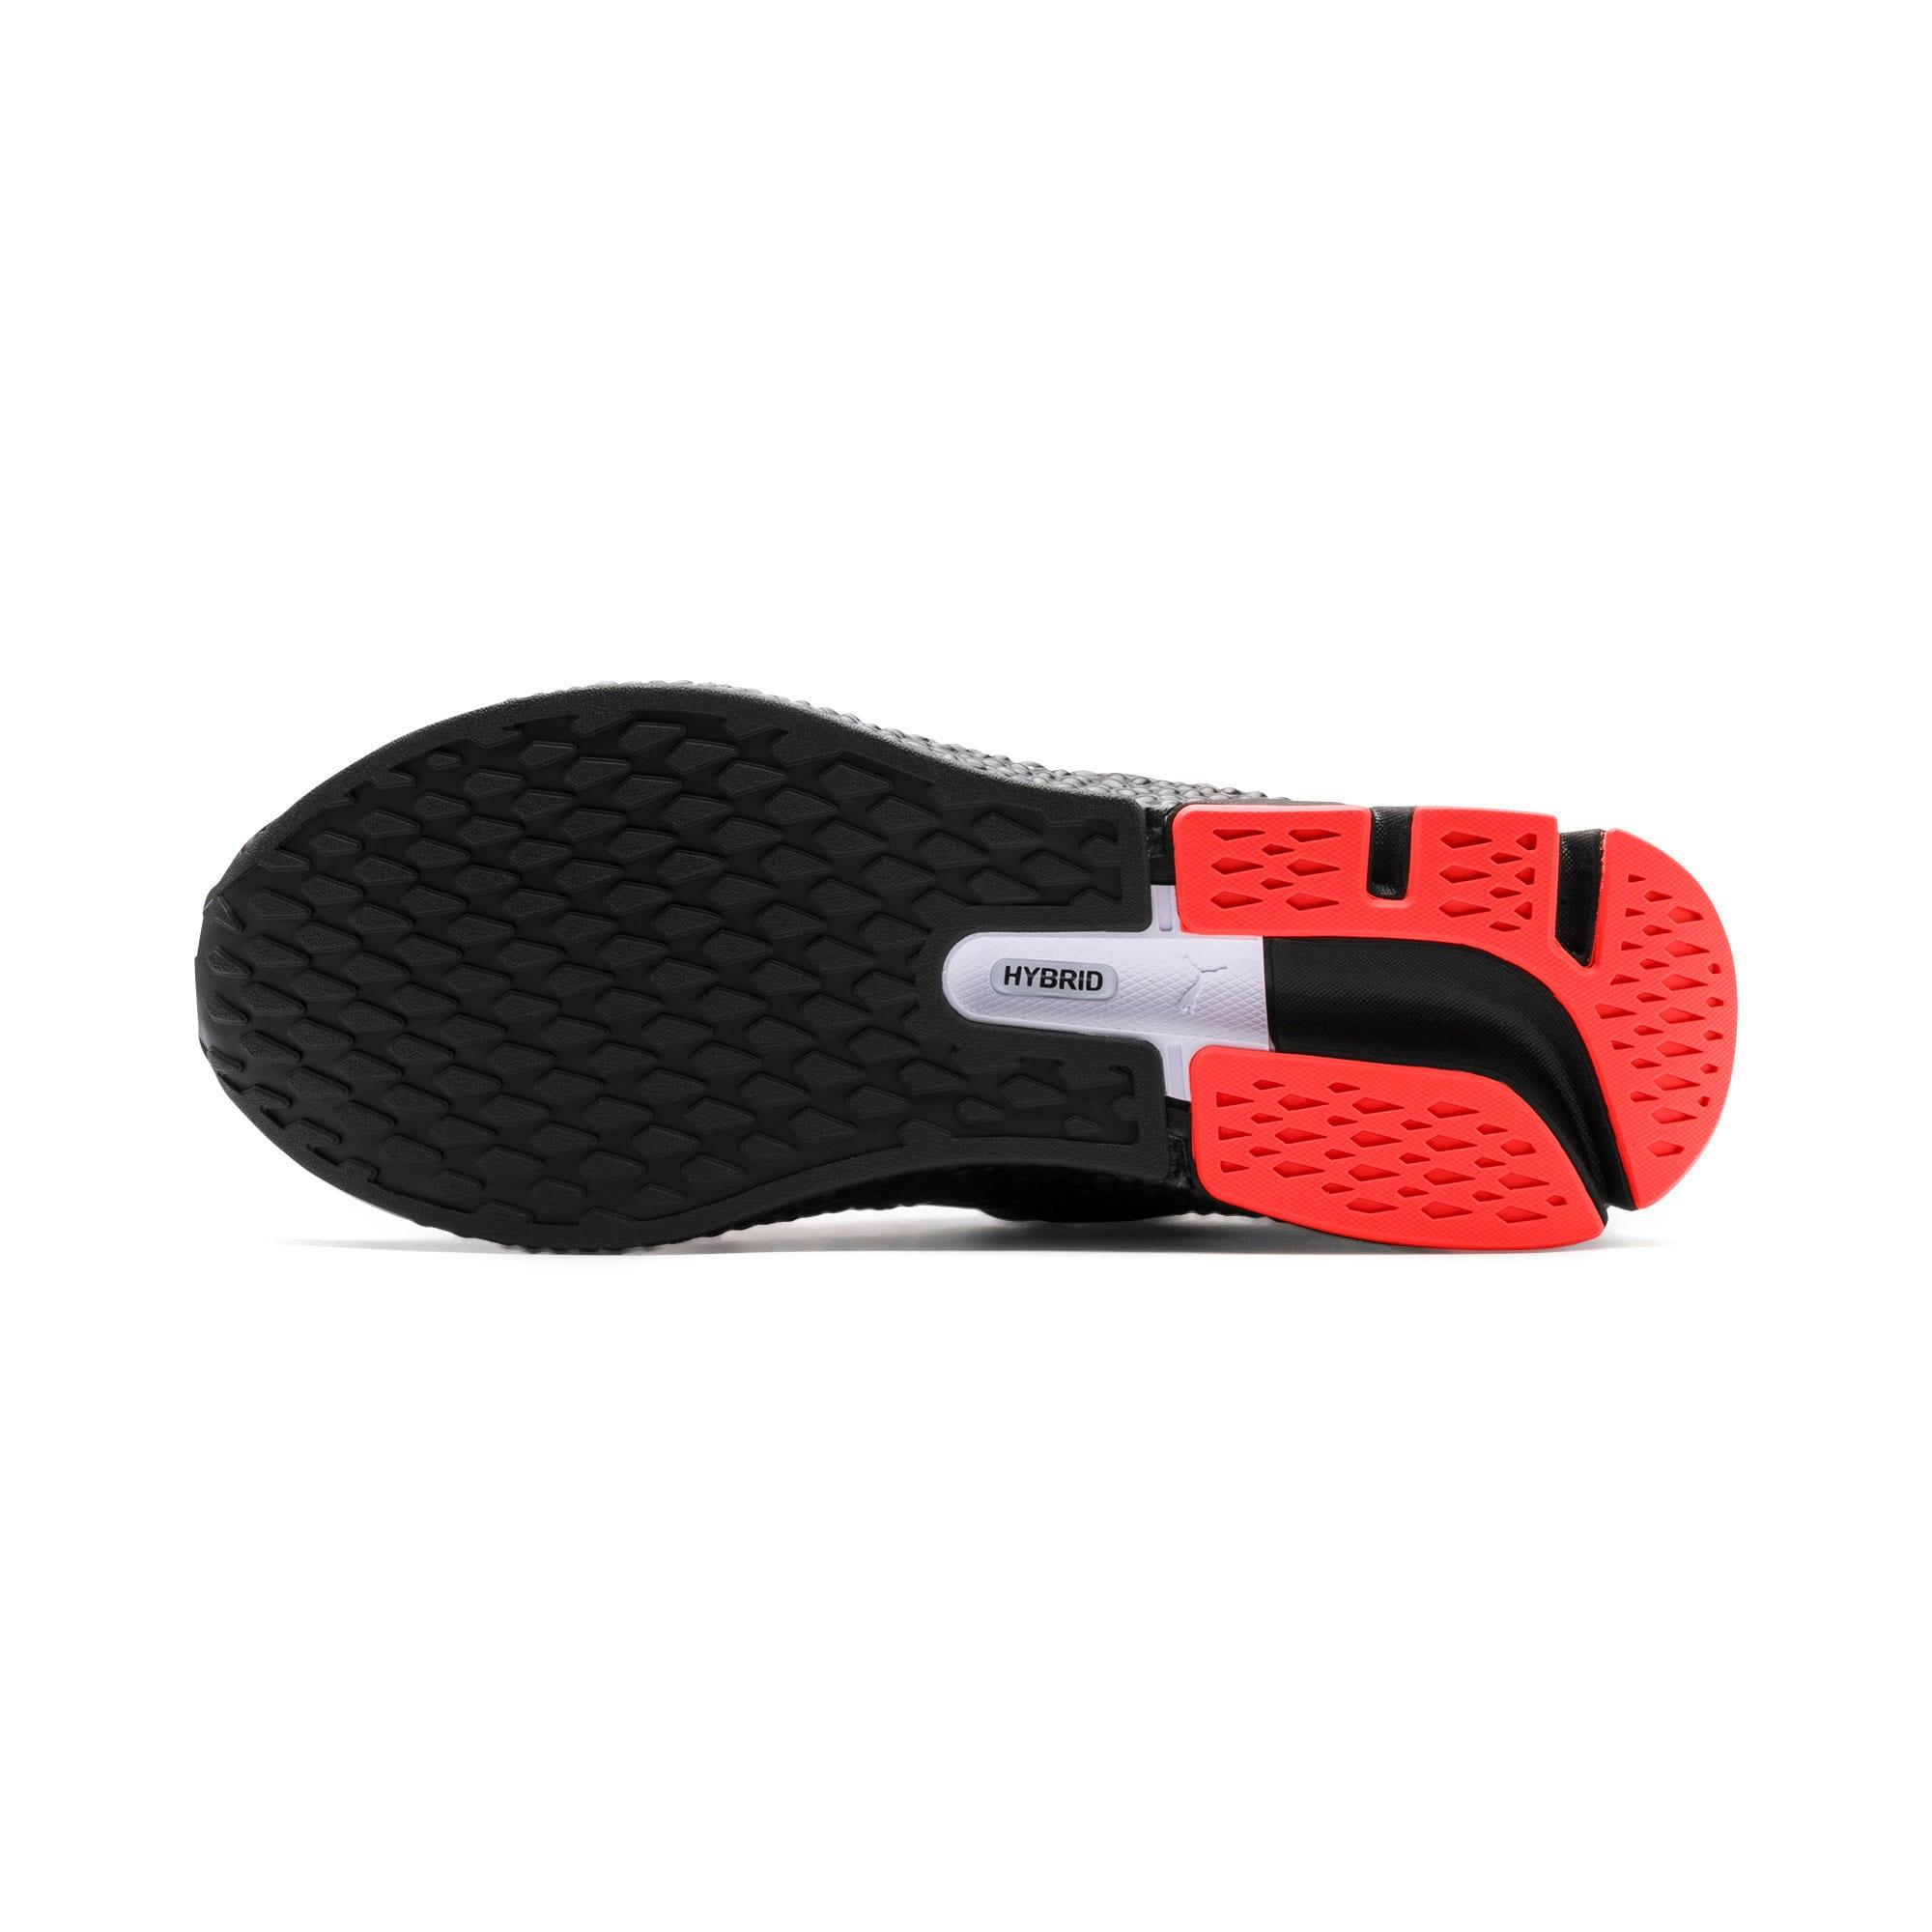 Thumbnail 5 van HYBRID Sky hardloopschoenen voor mannen, Zwart-wit-Nrgy Red, medium